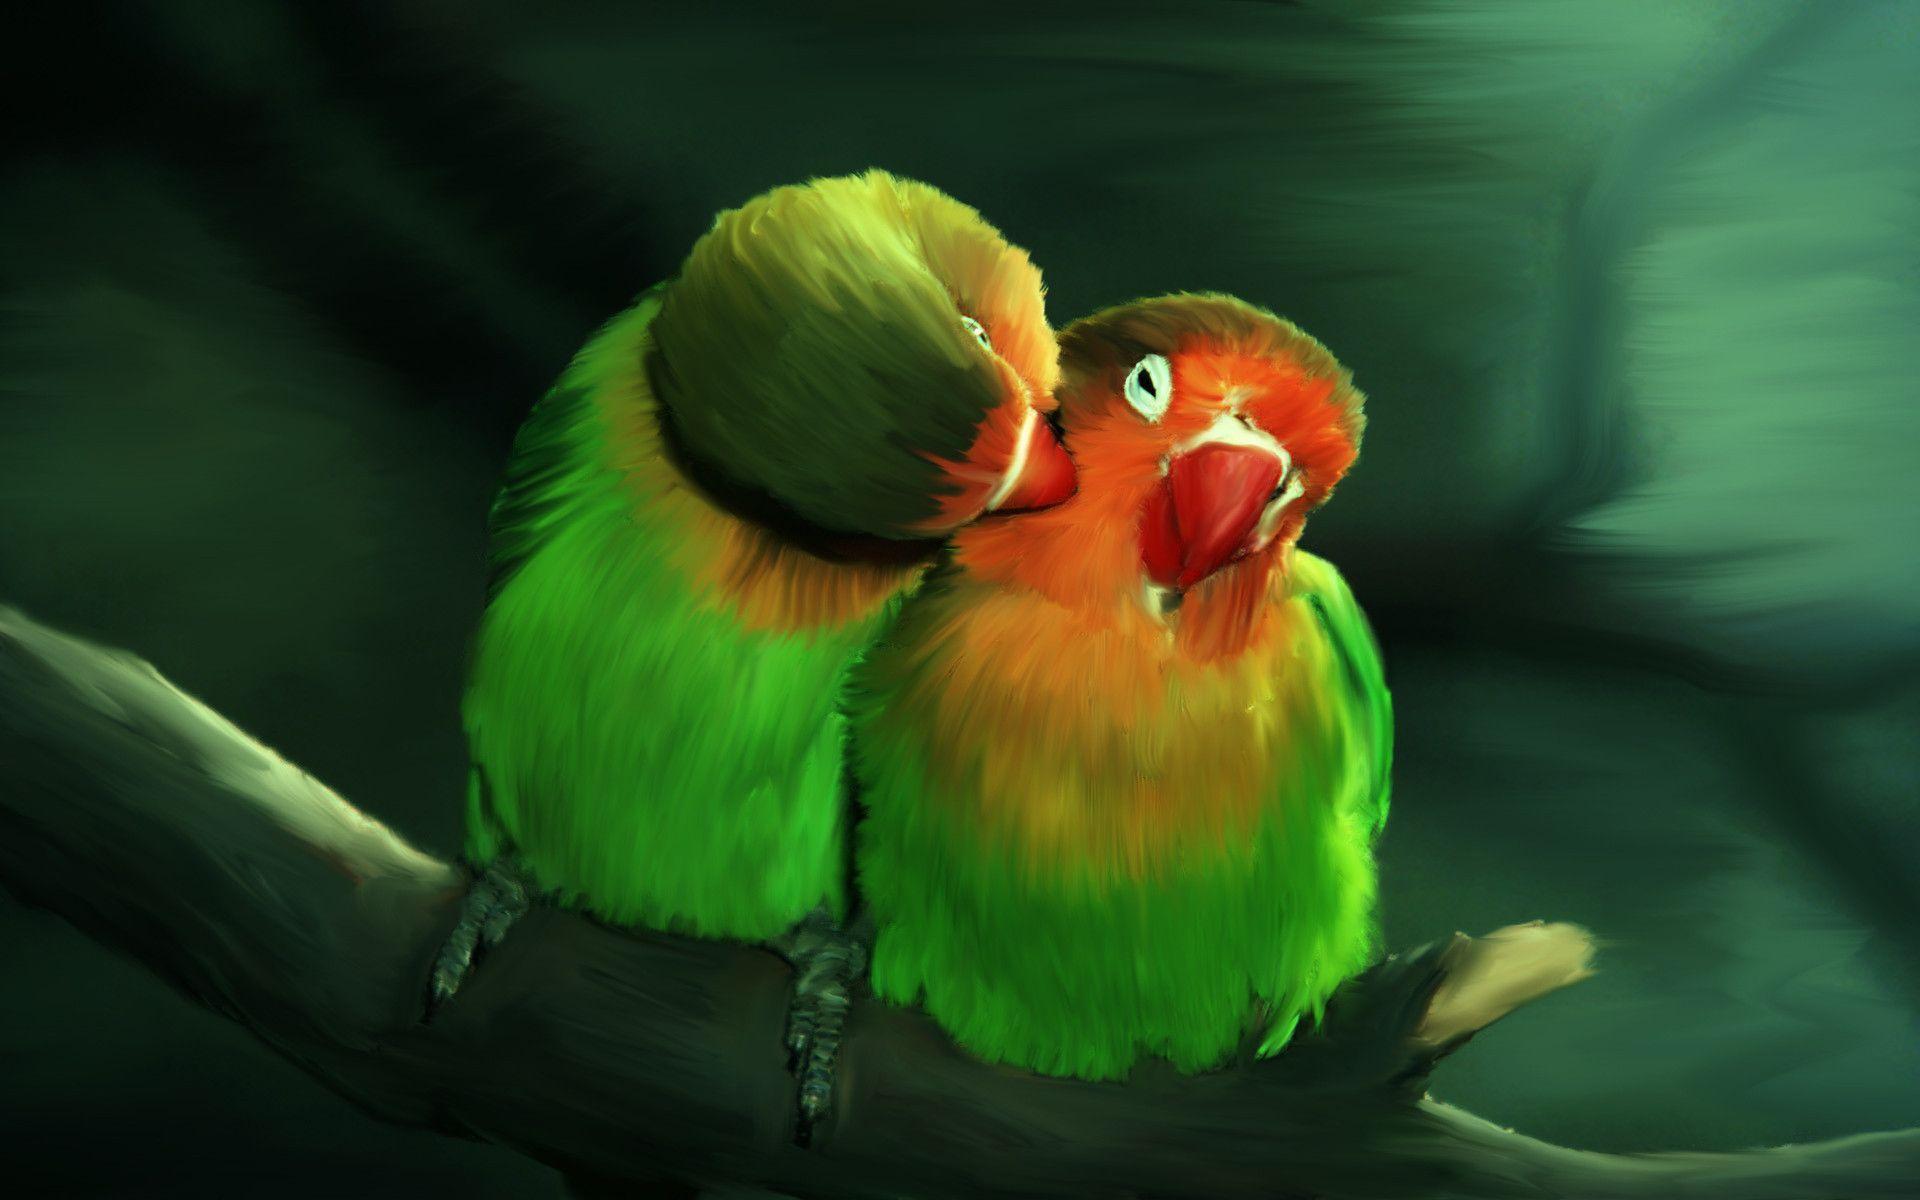 Hình nền đôi chim đẹp